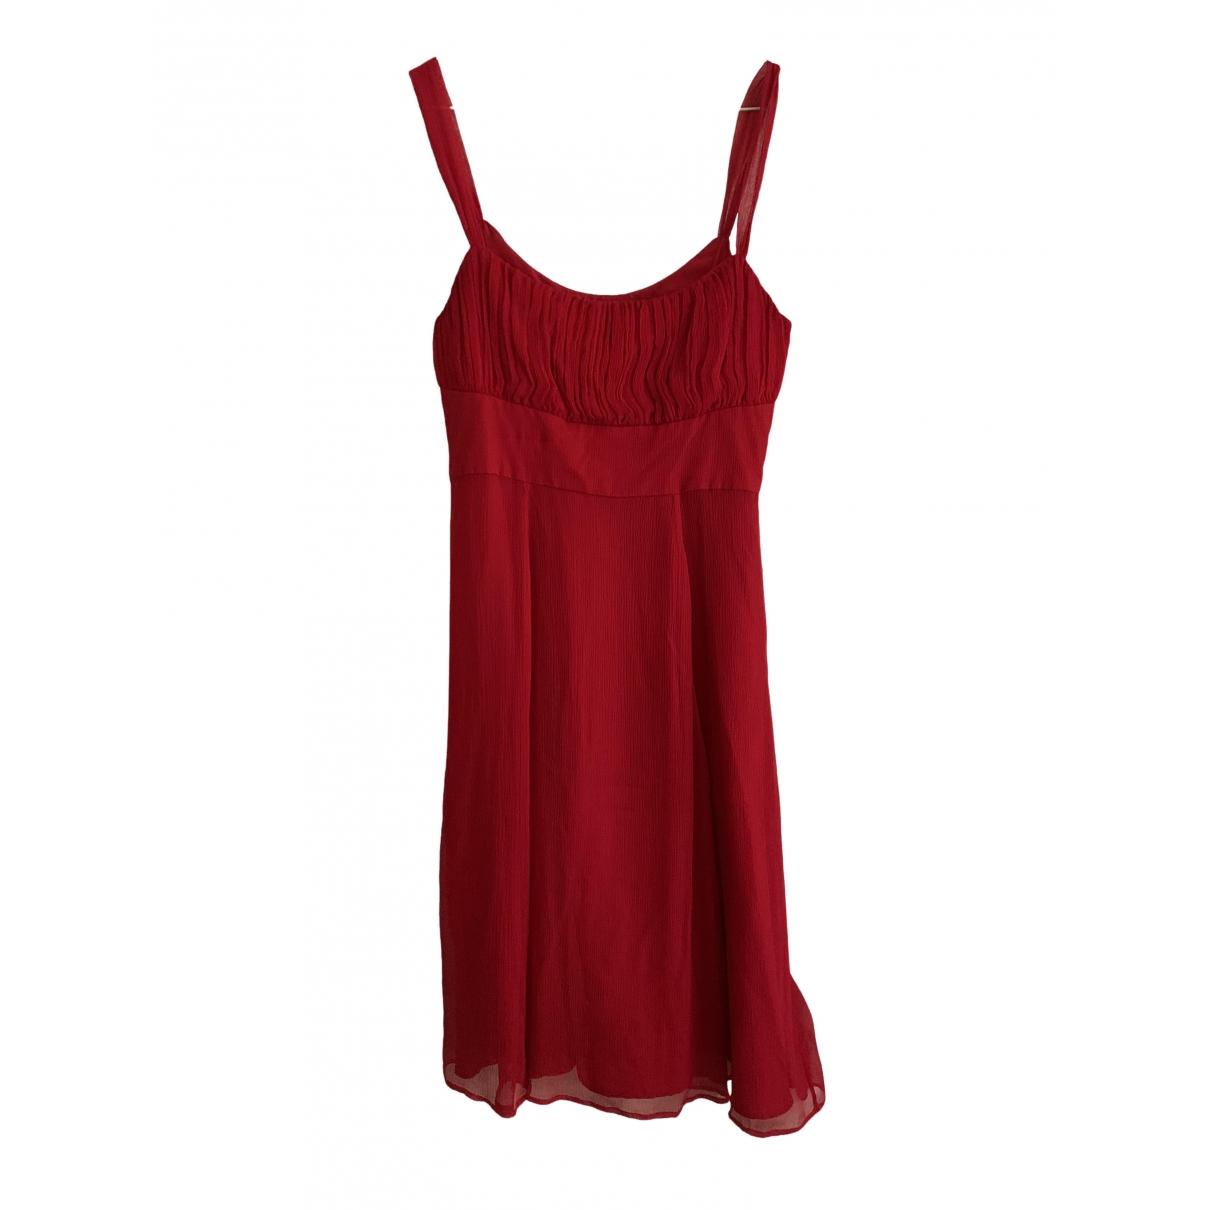 Lk Bennett \N Red Silk dress for Women 14 UK